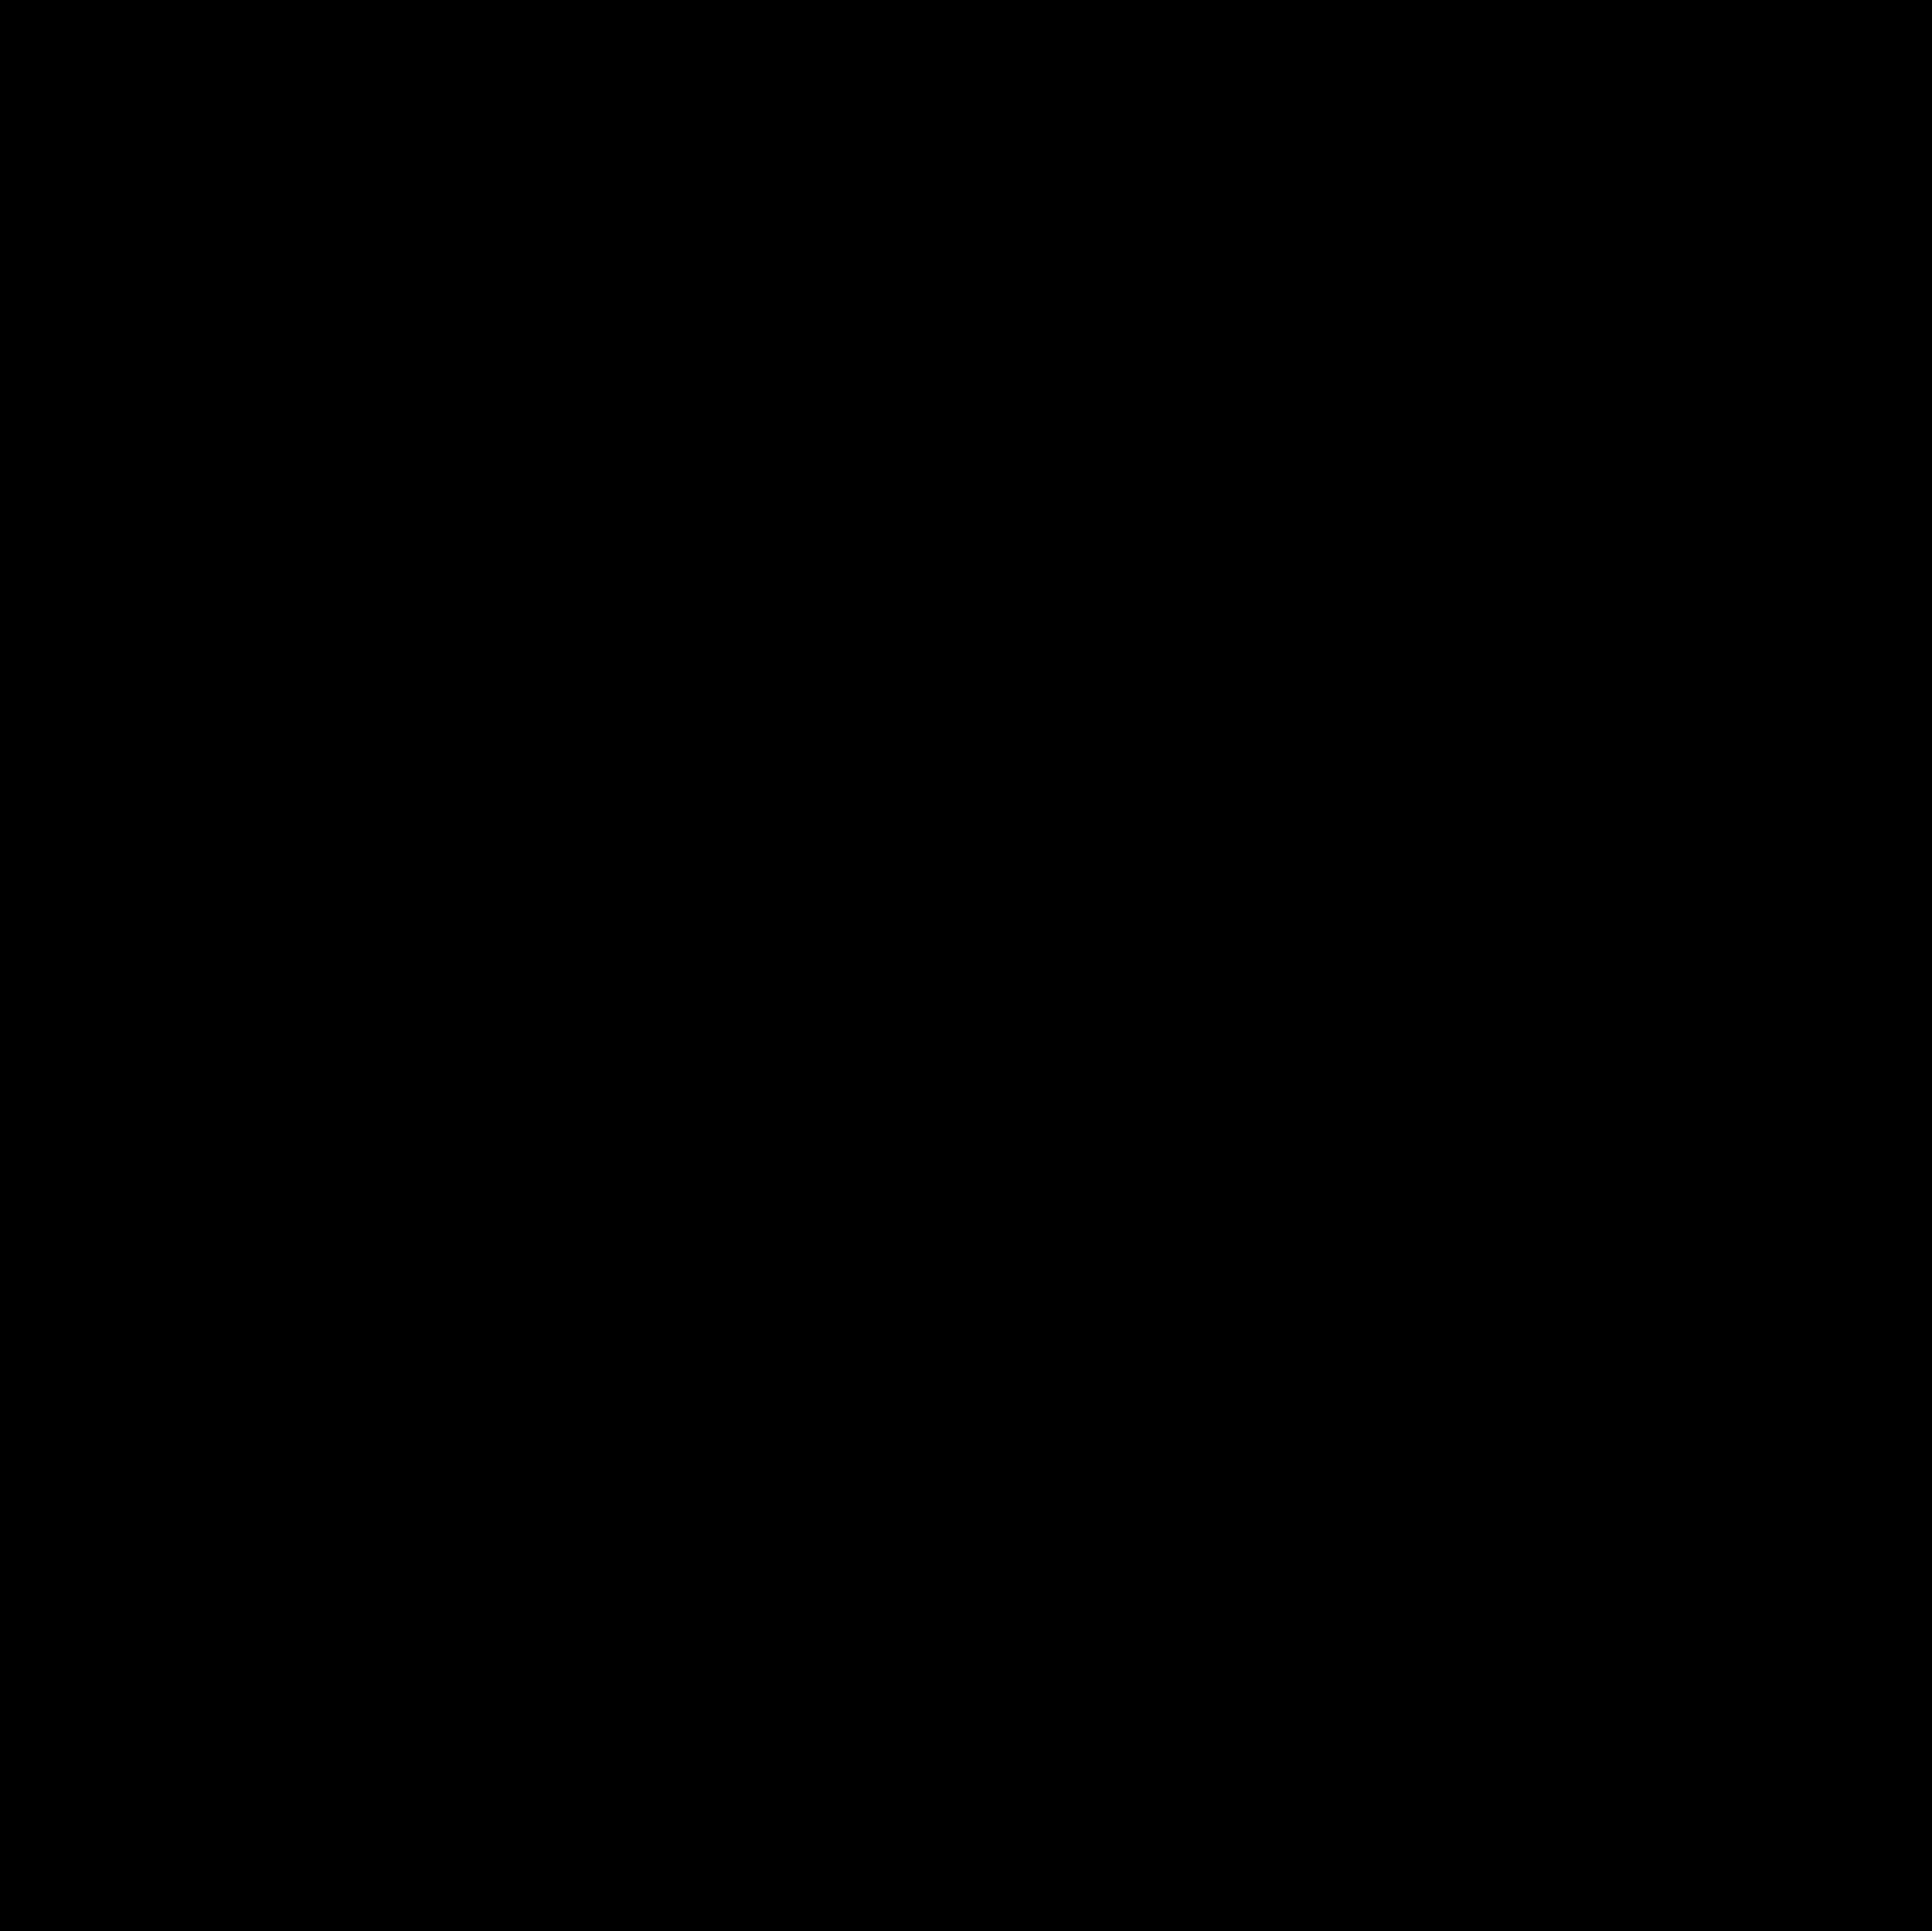 Tác dụng của Hyaluronic Acid đối với làn da